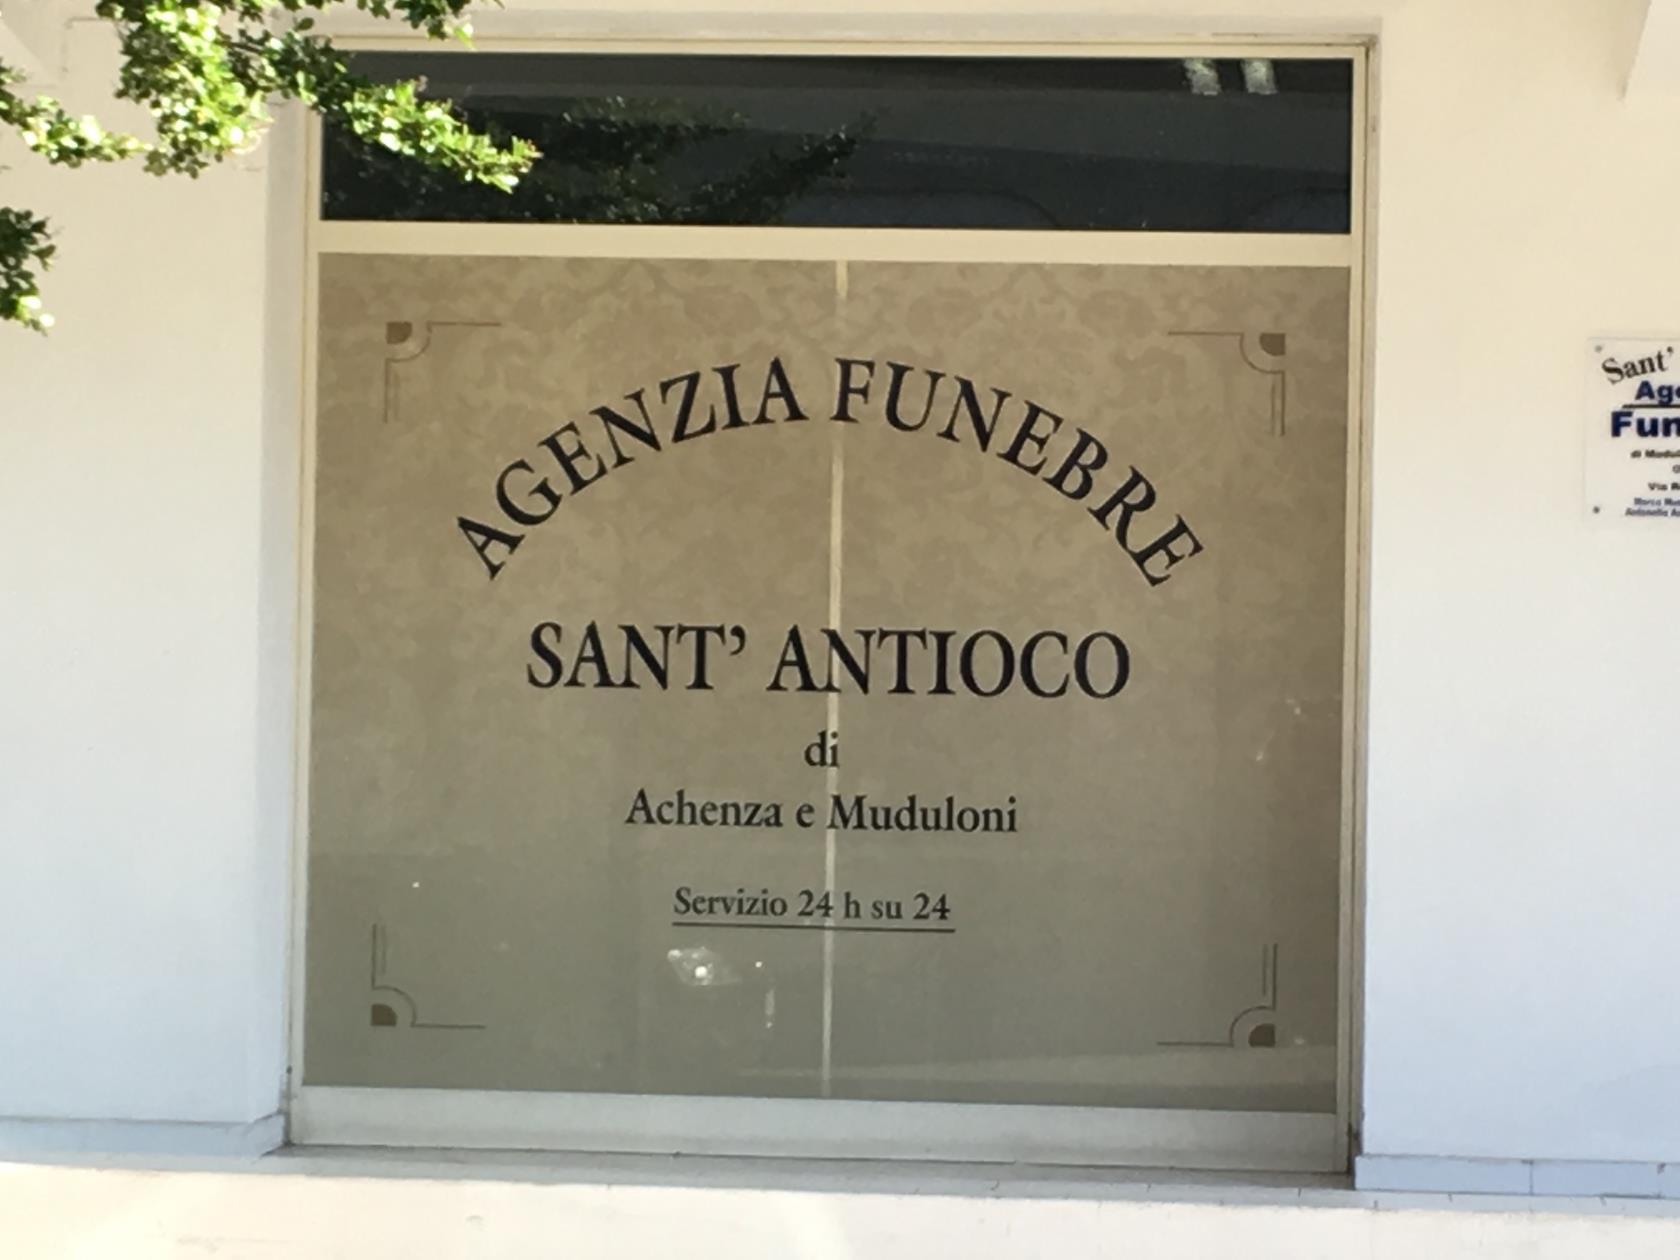 agenzia funebre sant' antioco ozieri